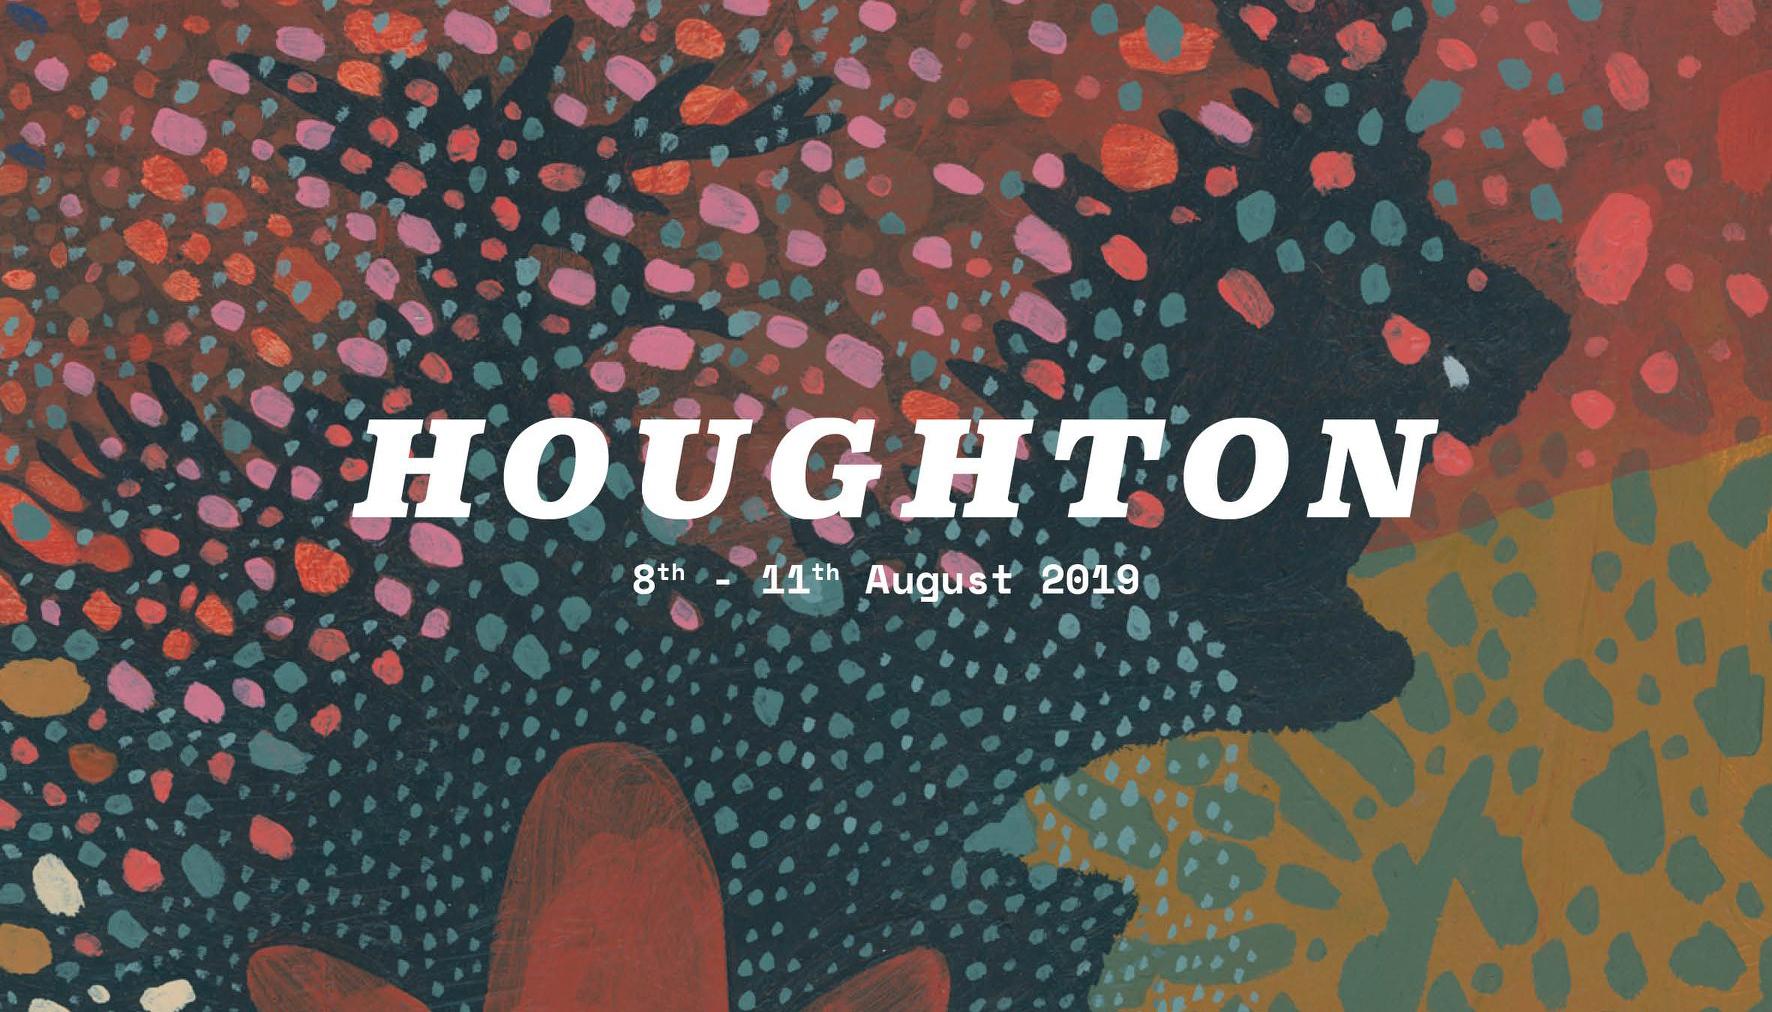 Houghton Festival 2019 - Festicket